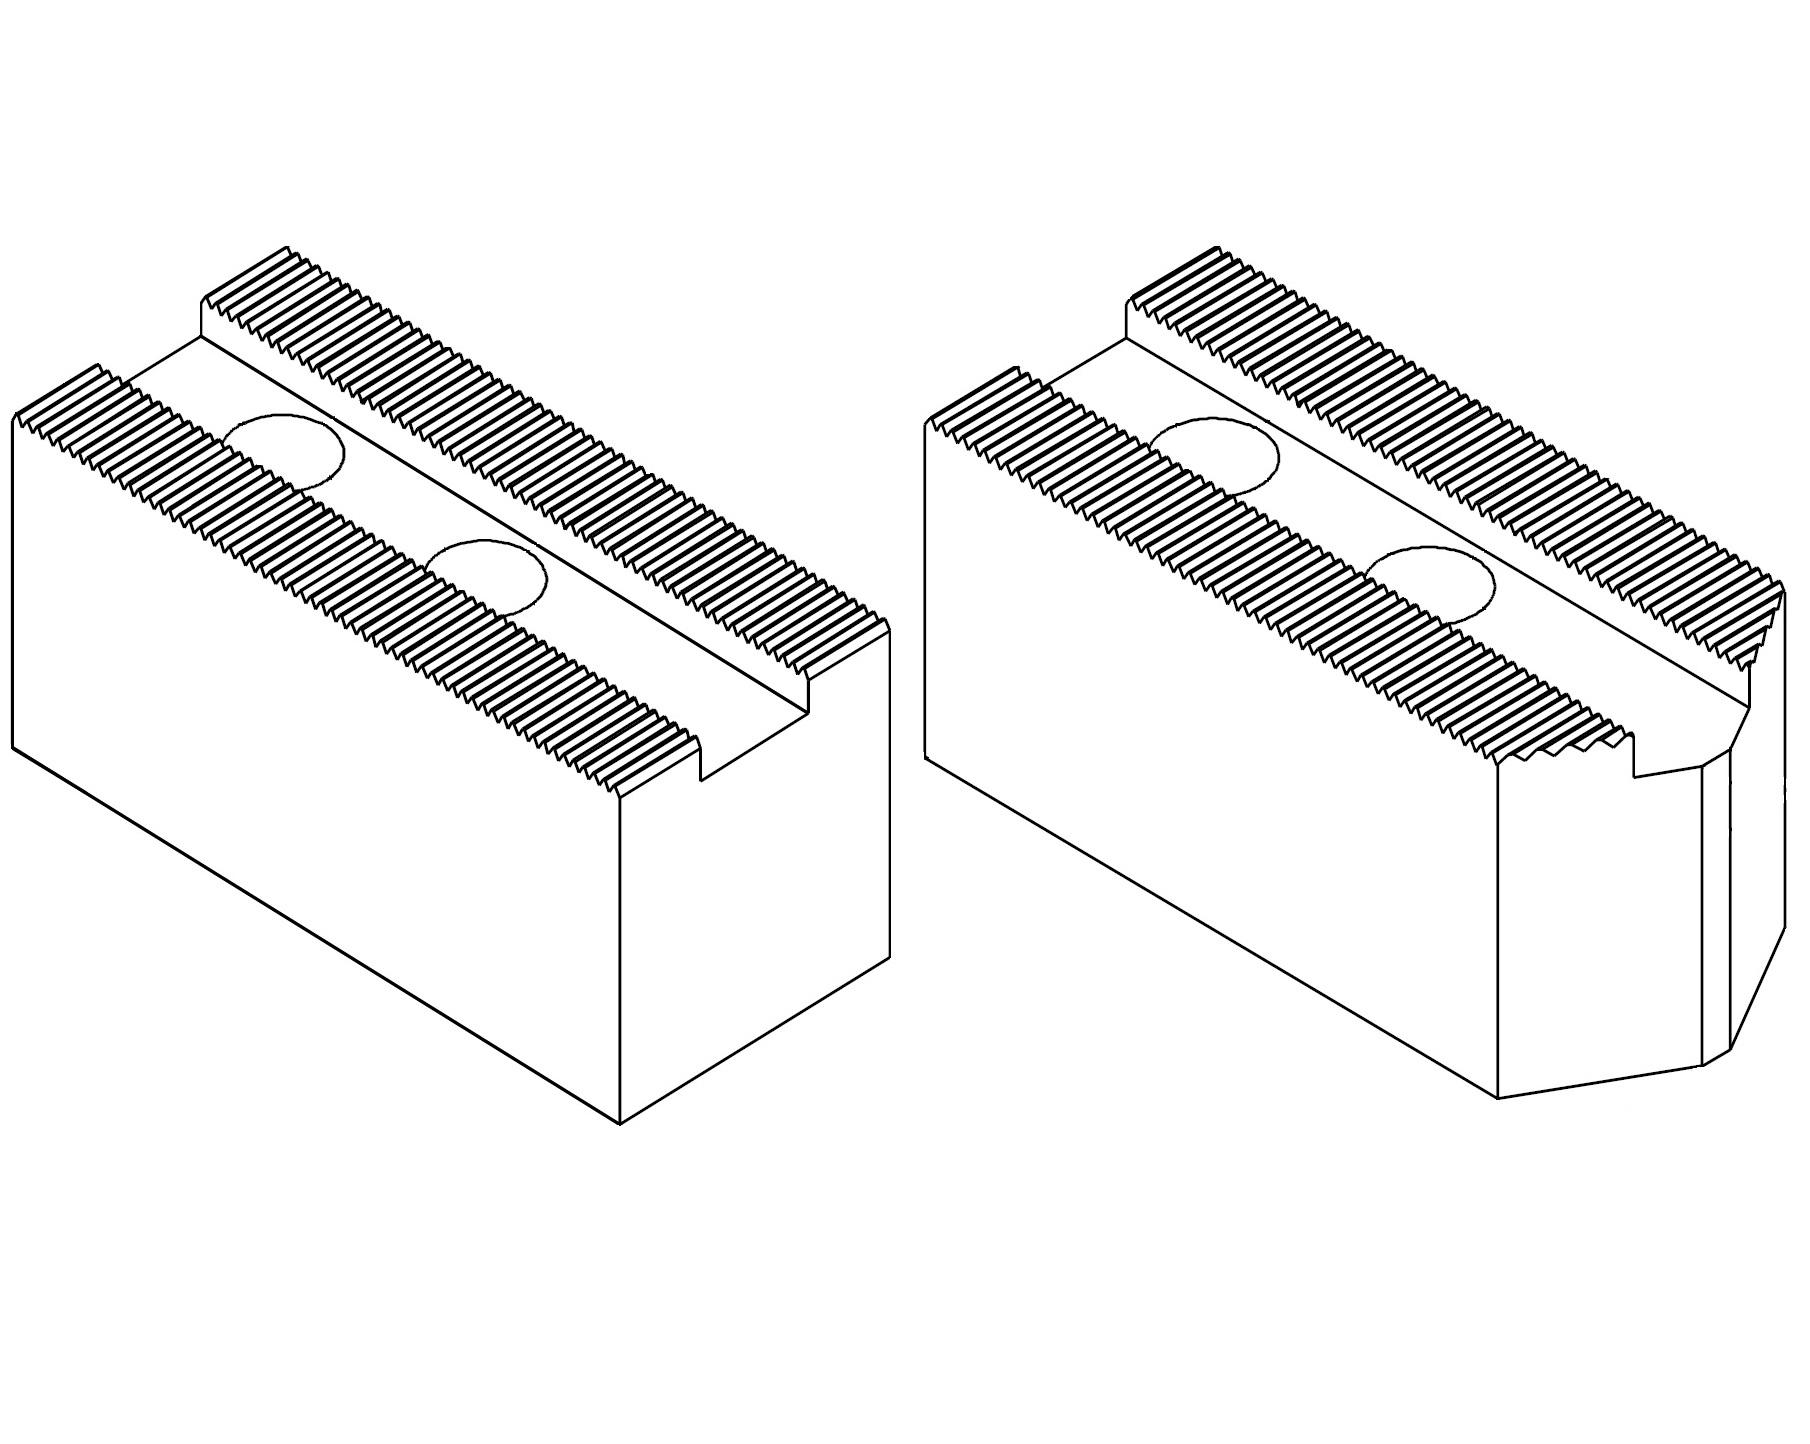 Čelisti měkké 1,5x60°, šířka drážky - 20 (sklíčidla RÖHM KFE, KFG, KFM, KFN pr. 250-280mm)